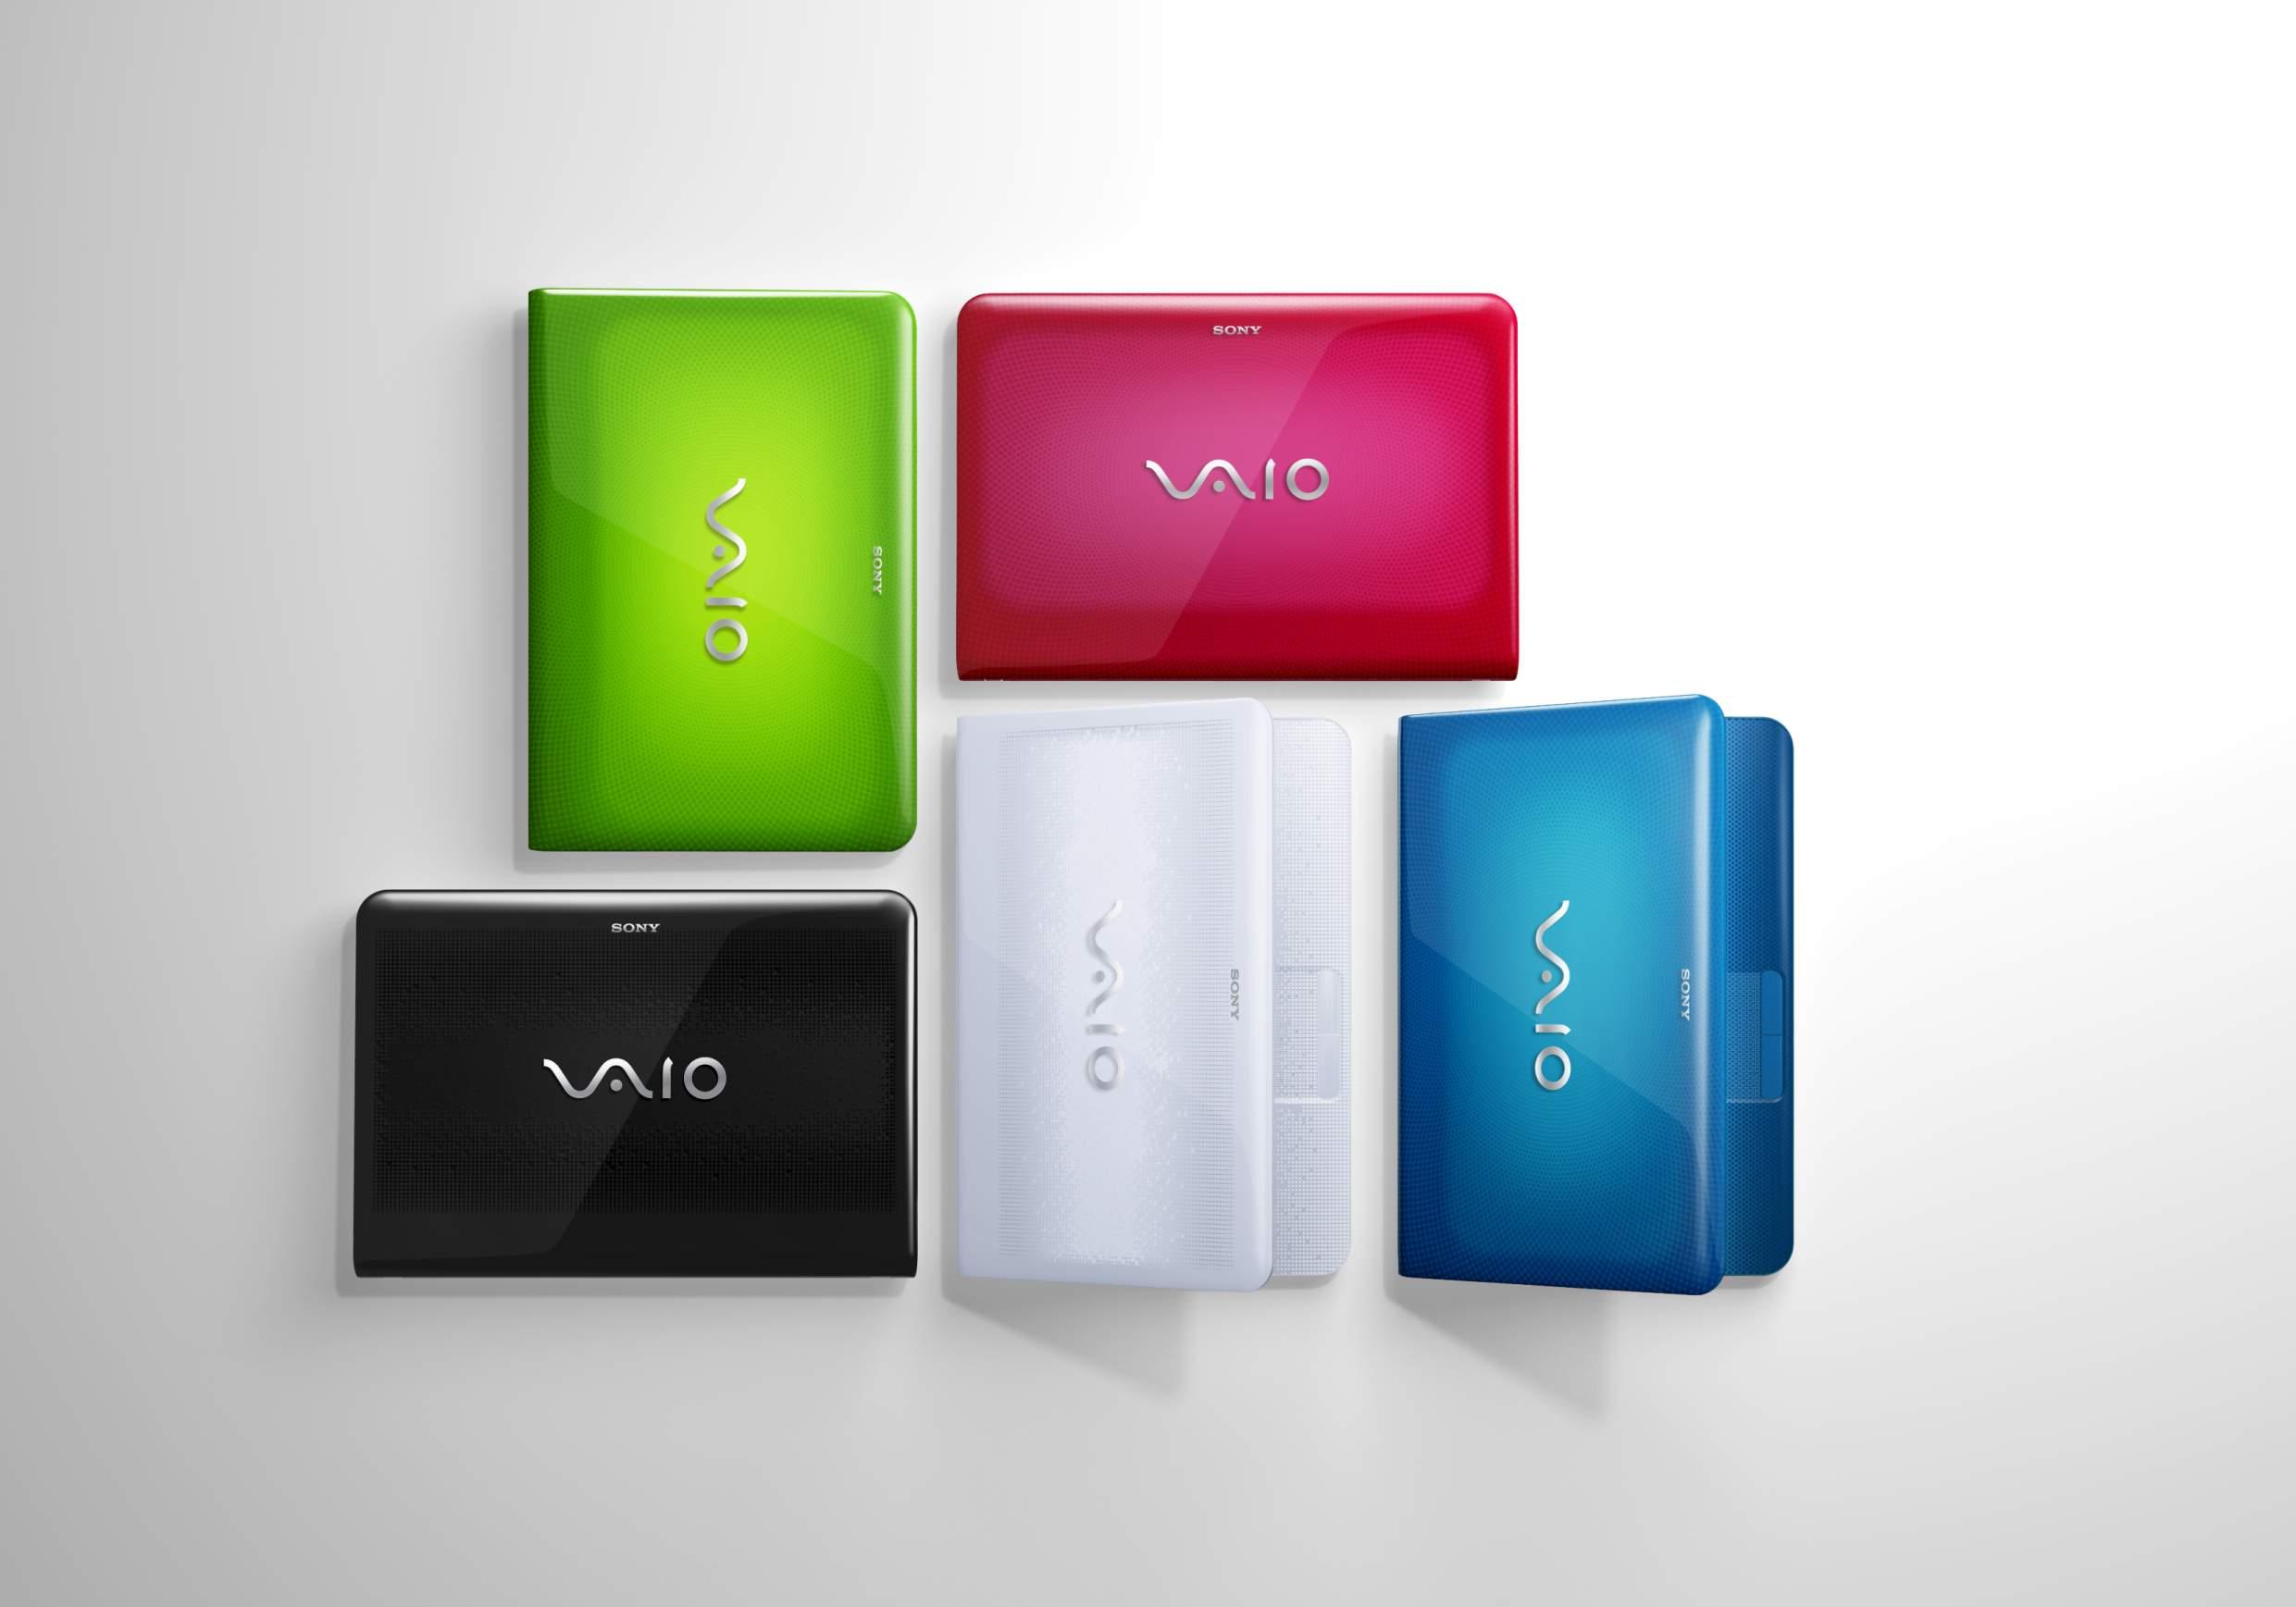 Sony Vaio E amplía su gama con portátiles de 14 y 17,3 pulgadas